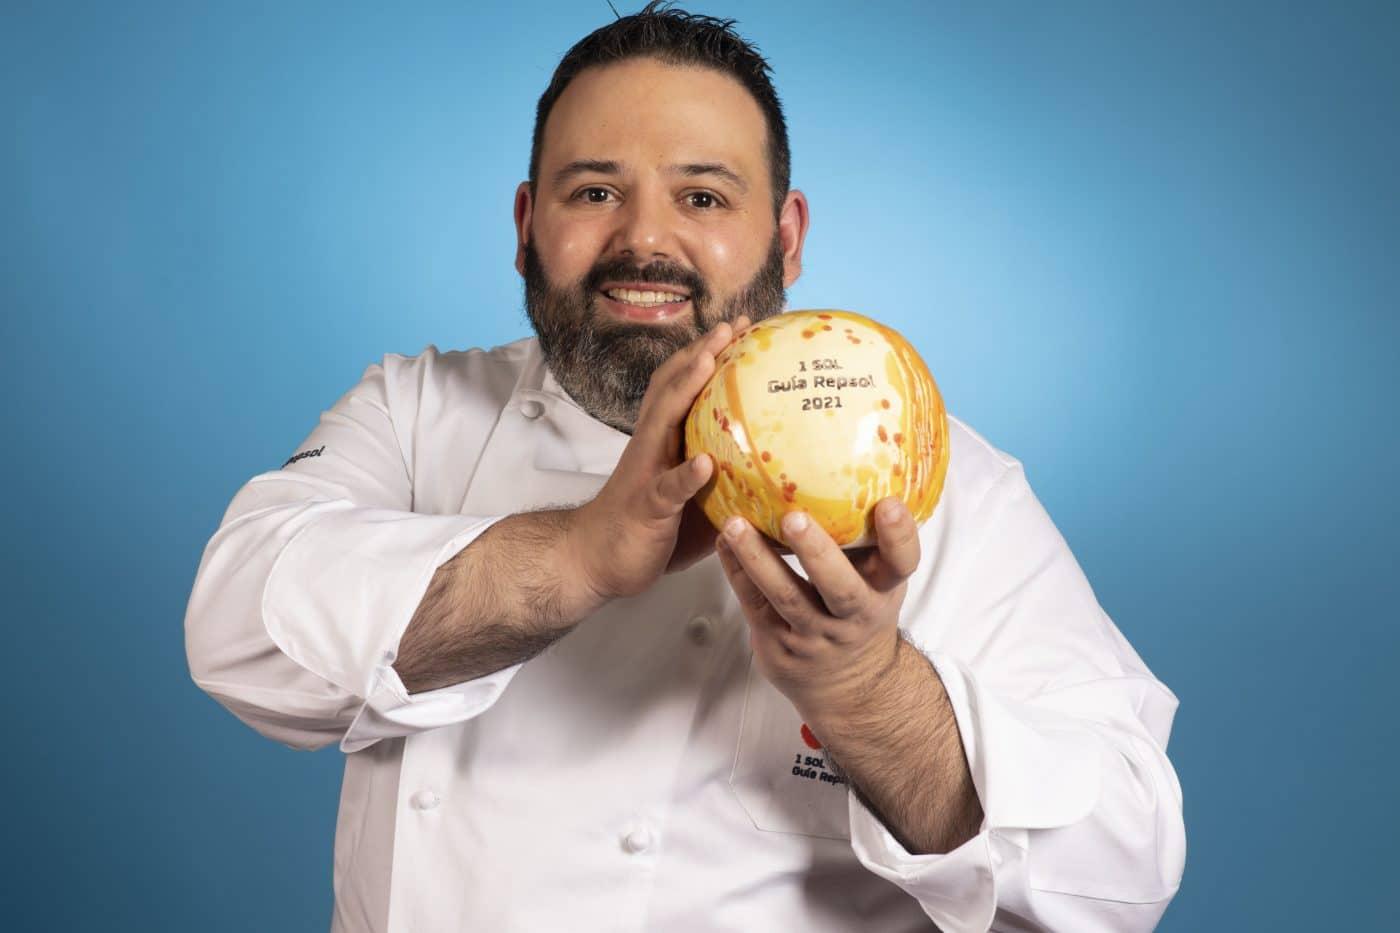 Juan Carlos Ferrando